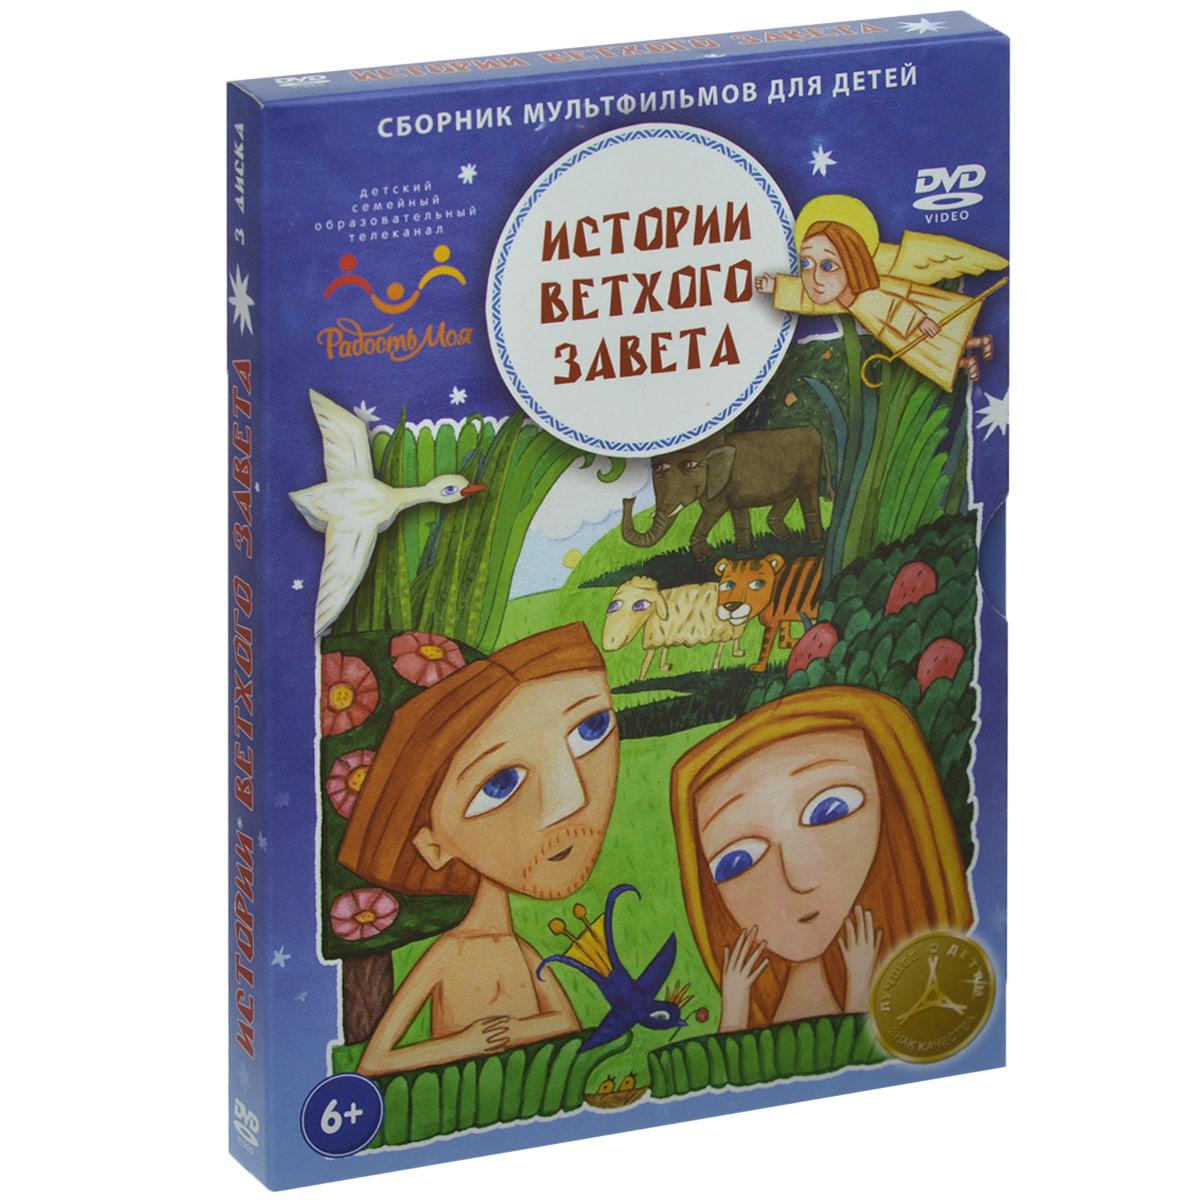 Истории Ветхого Завета (3 DVD)